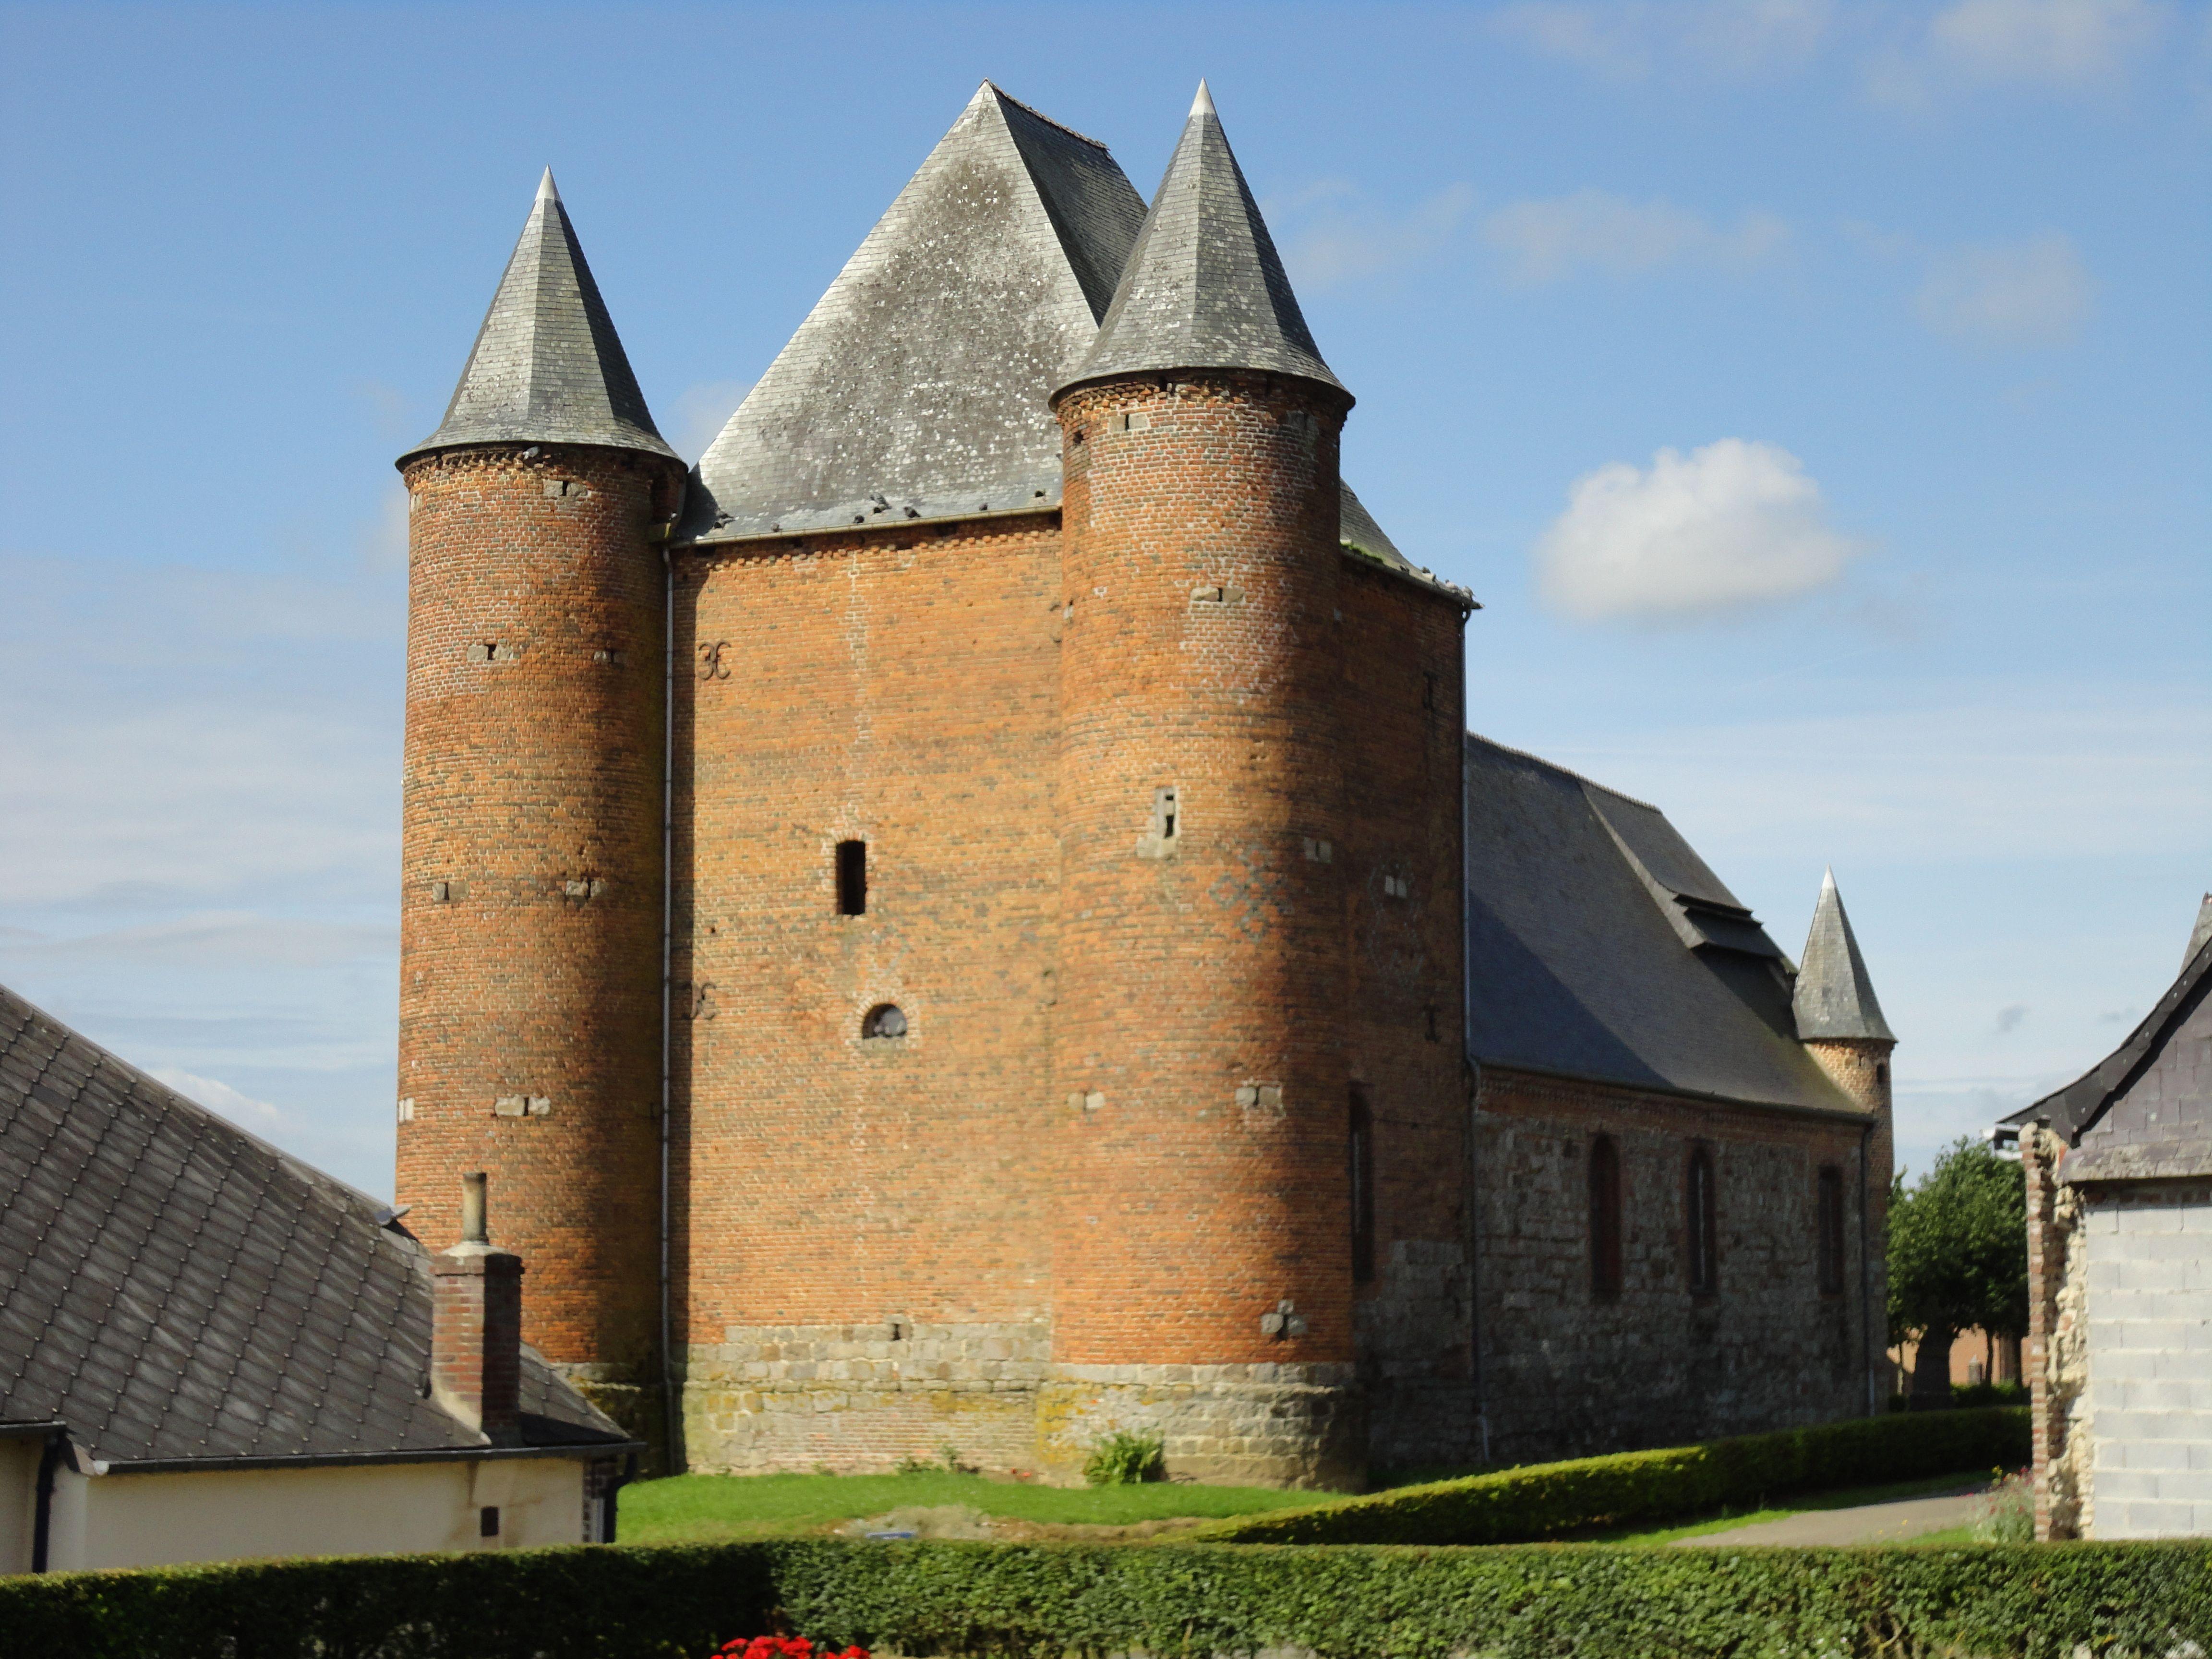 Eglise fortifiée Saint-Nicolas d'Englancourt